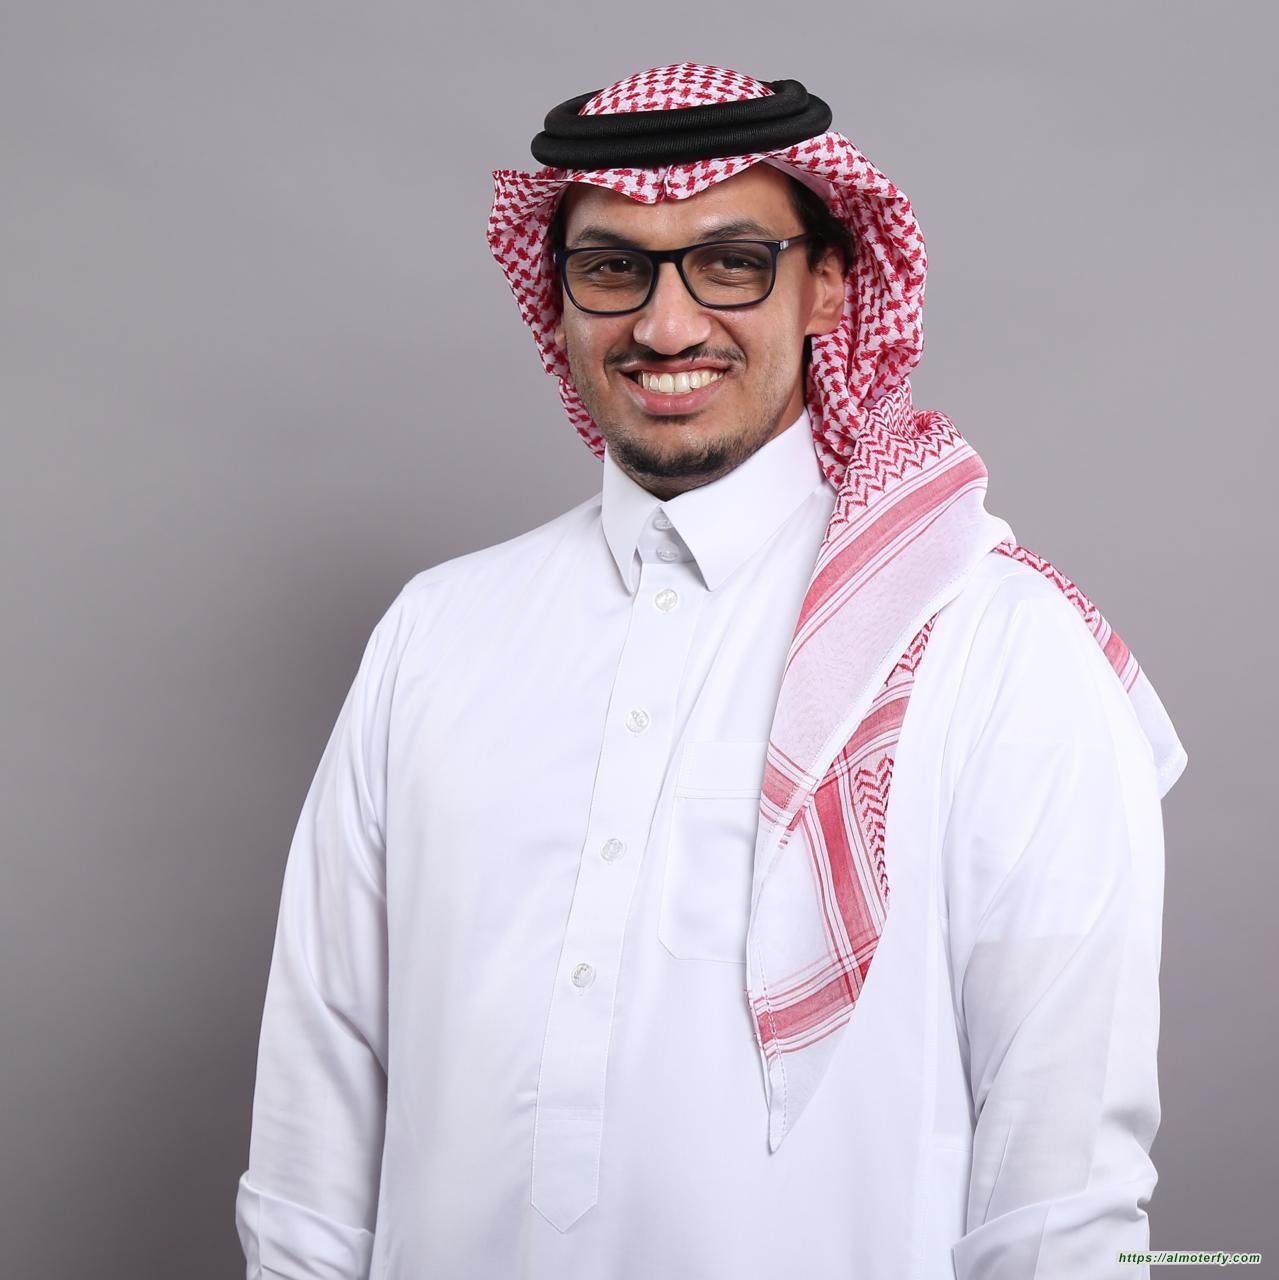 حاتم المسحل يعلن عن إصابته بكورونا الجديد.. ويطمئن الجميع عن حالته..